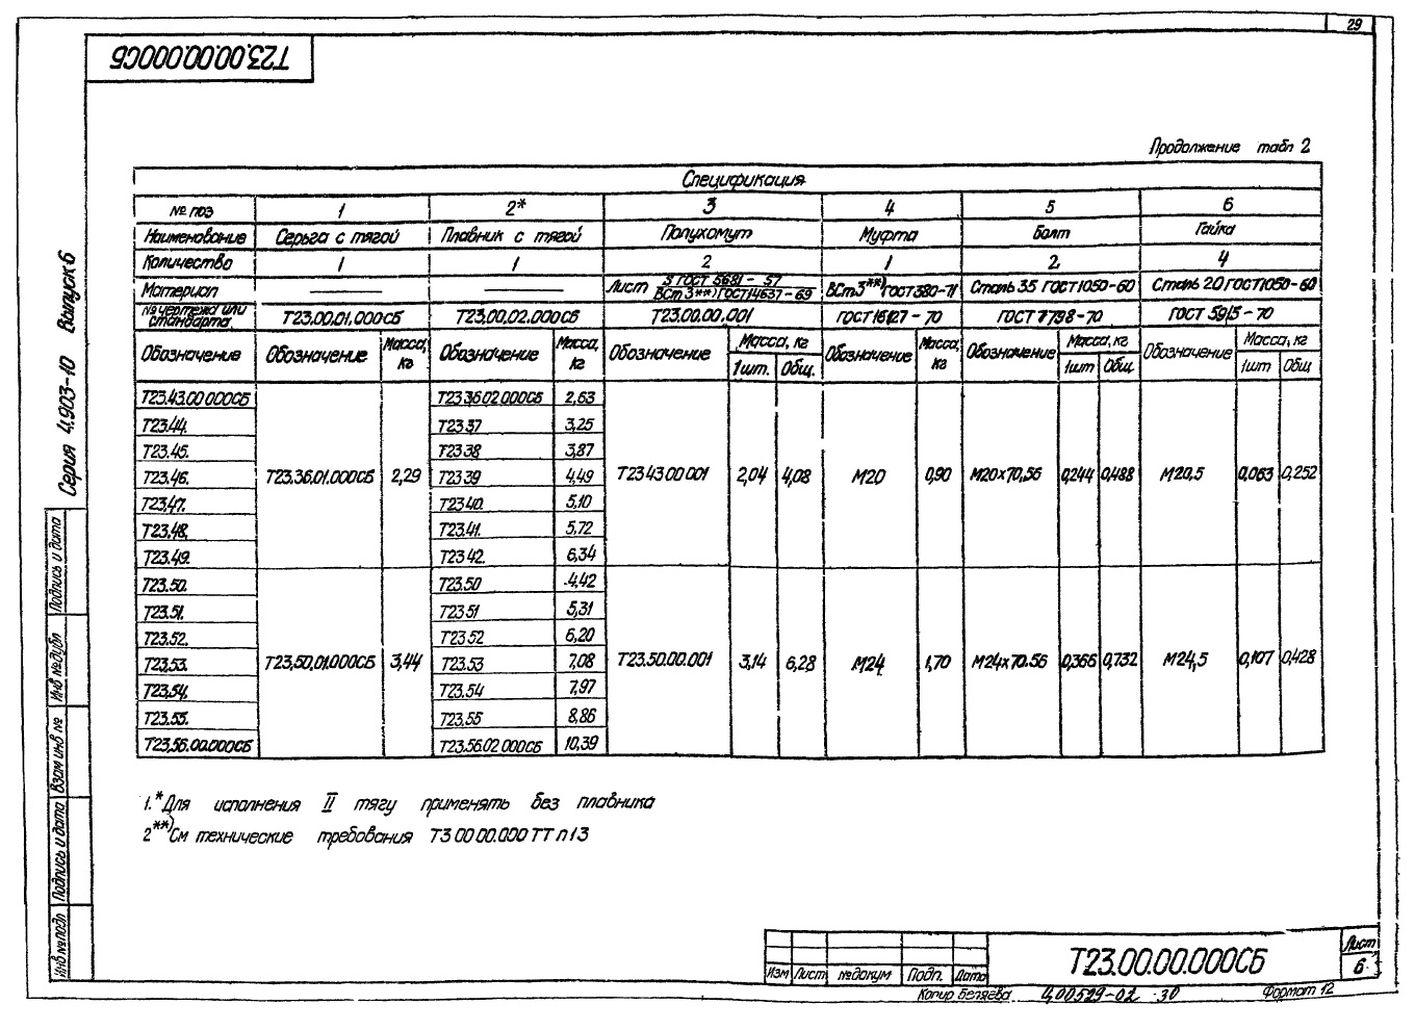 Опора подвижная жесткая Т23 с.4.903-10 вып.6 стр.6